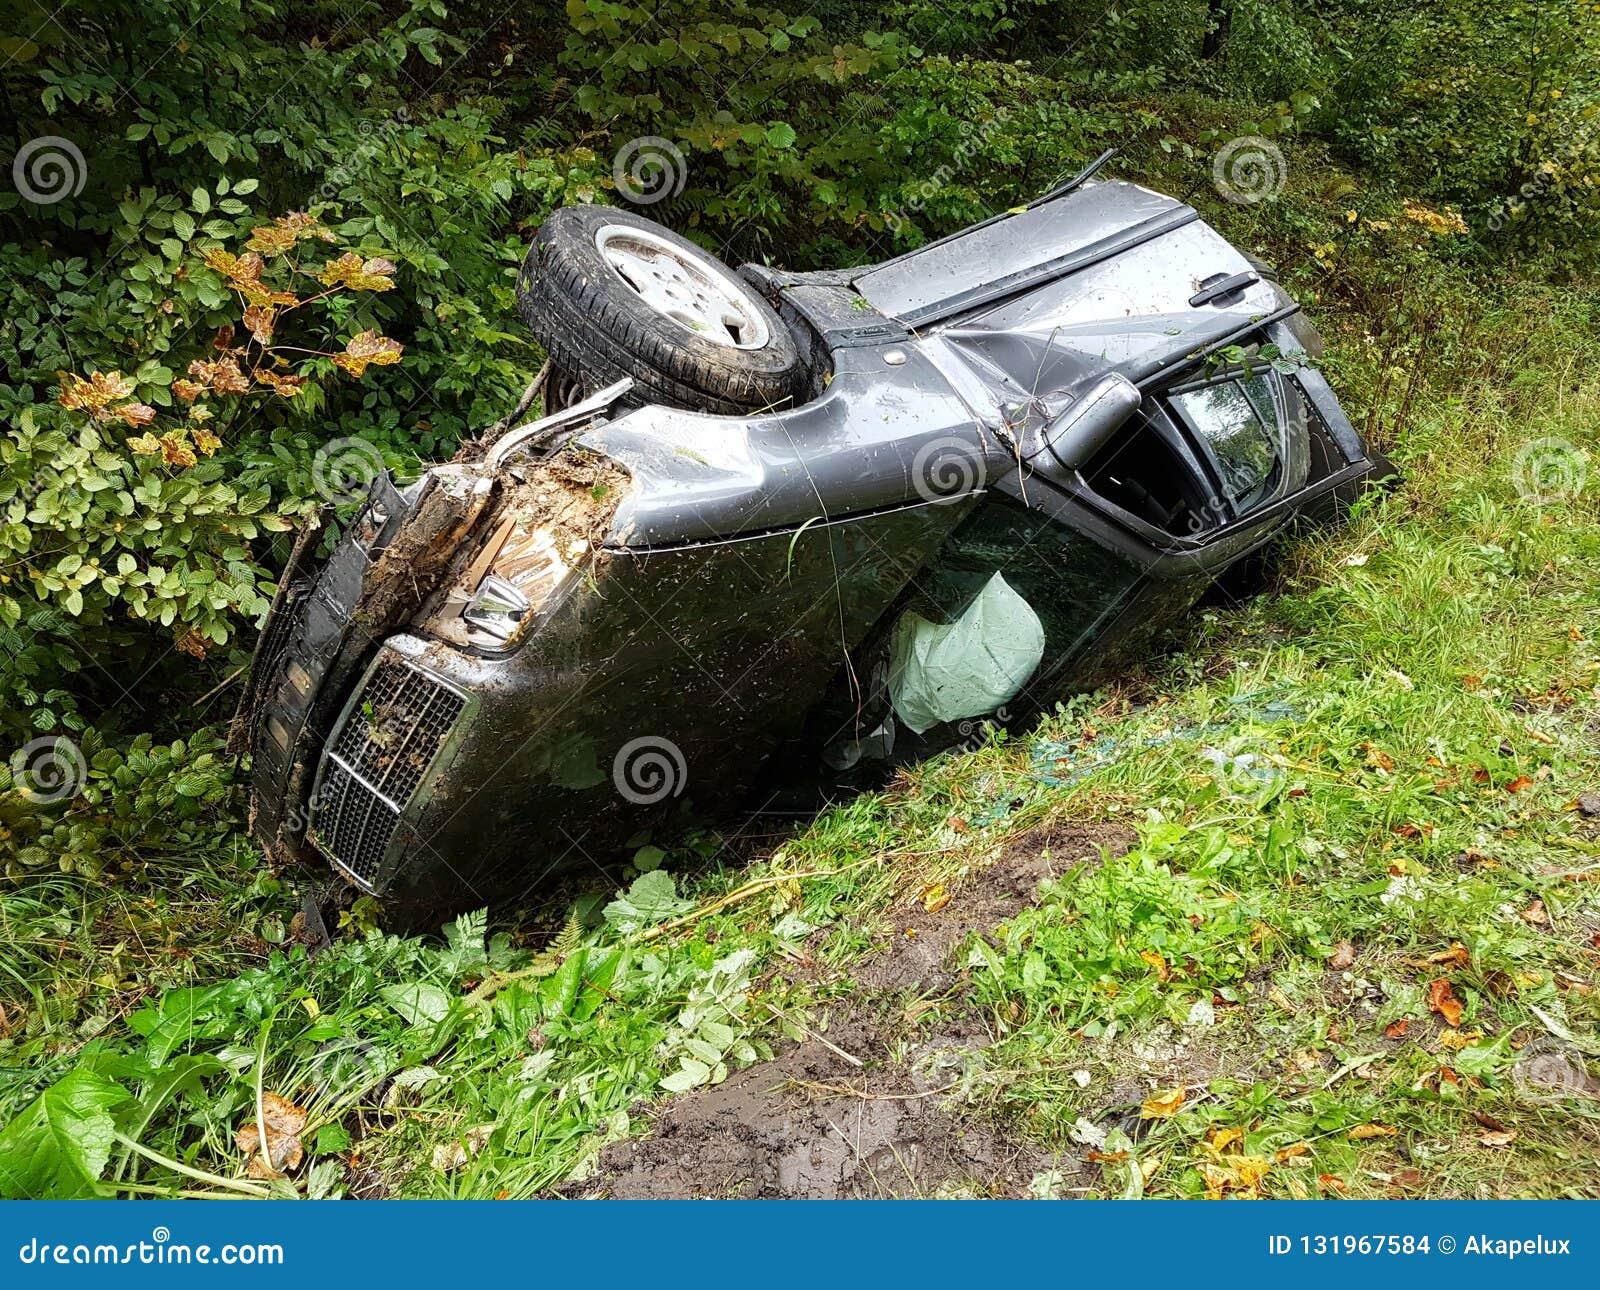 Поколоченный серый седан автомобиля лежит во рве обочины среди сочной зеленой листвы куста летом Случай дорожного движения